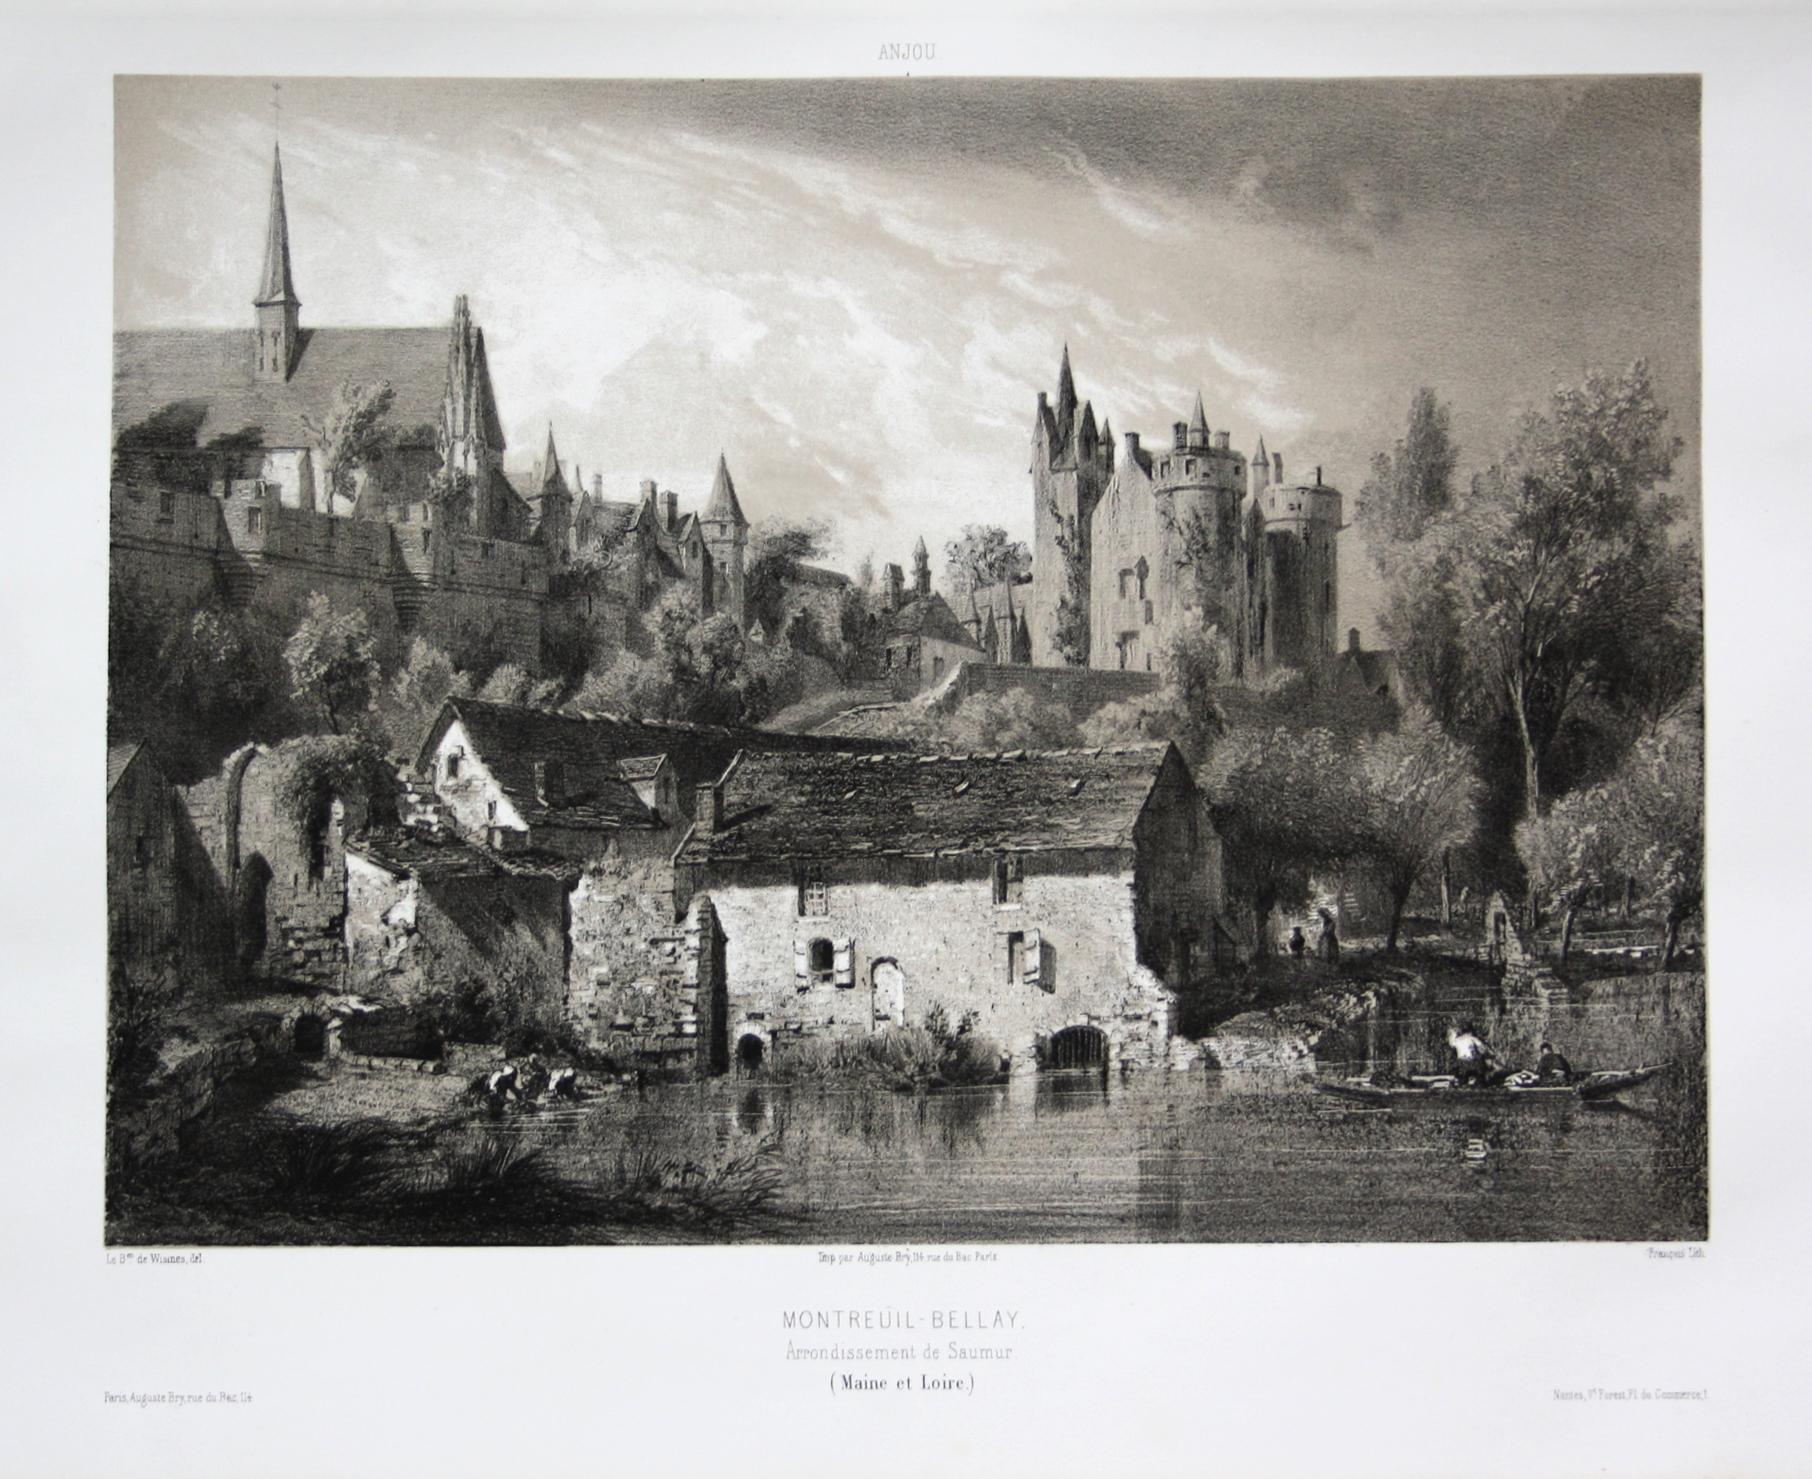 Montreuil-Bellay / Arrond. Saumur / Maine et: Wismes, Olivier de